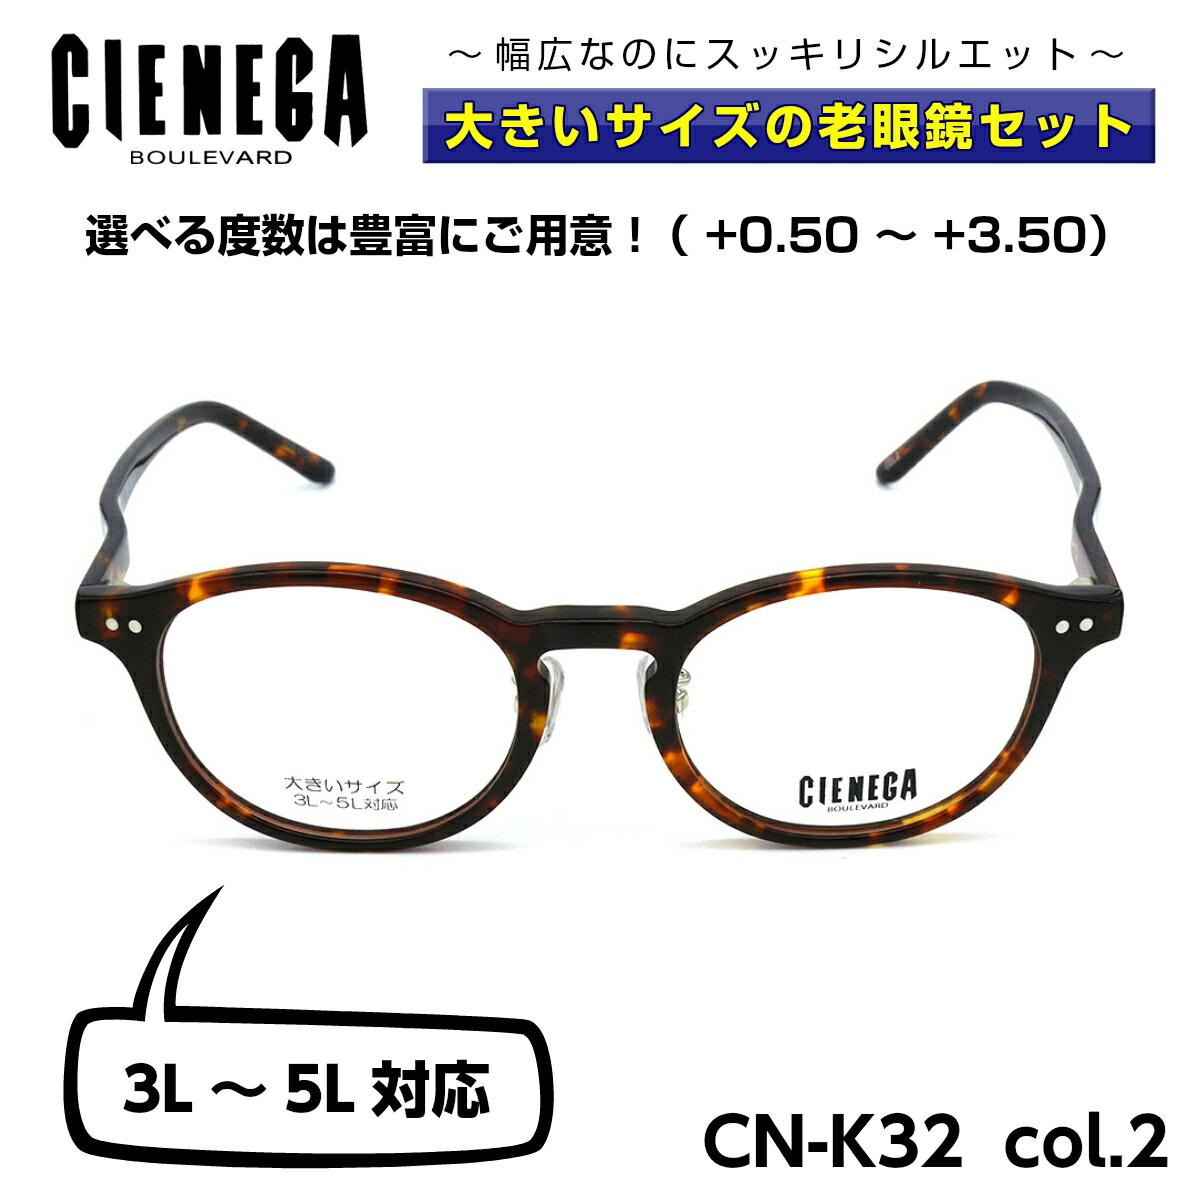 ランキング総合1位 3L~5Lサイズ対応 大きい顔 上等 似合う おしゃれ オススメ 人気 ロングテンプル 160mm国産レンズ UVカット ブルーライトカット レトロ クラシック C-2 ボストン 男性 CIENEGA 老眼鏡 シェネガ カジュアル CN-K32 ビジネス 大きいサイズ メガネ メンズ